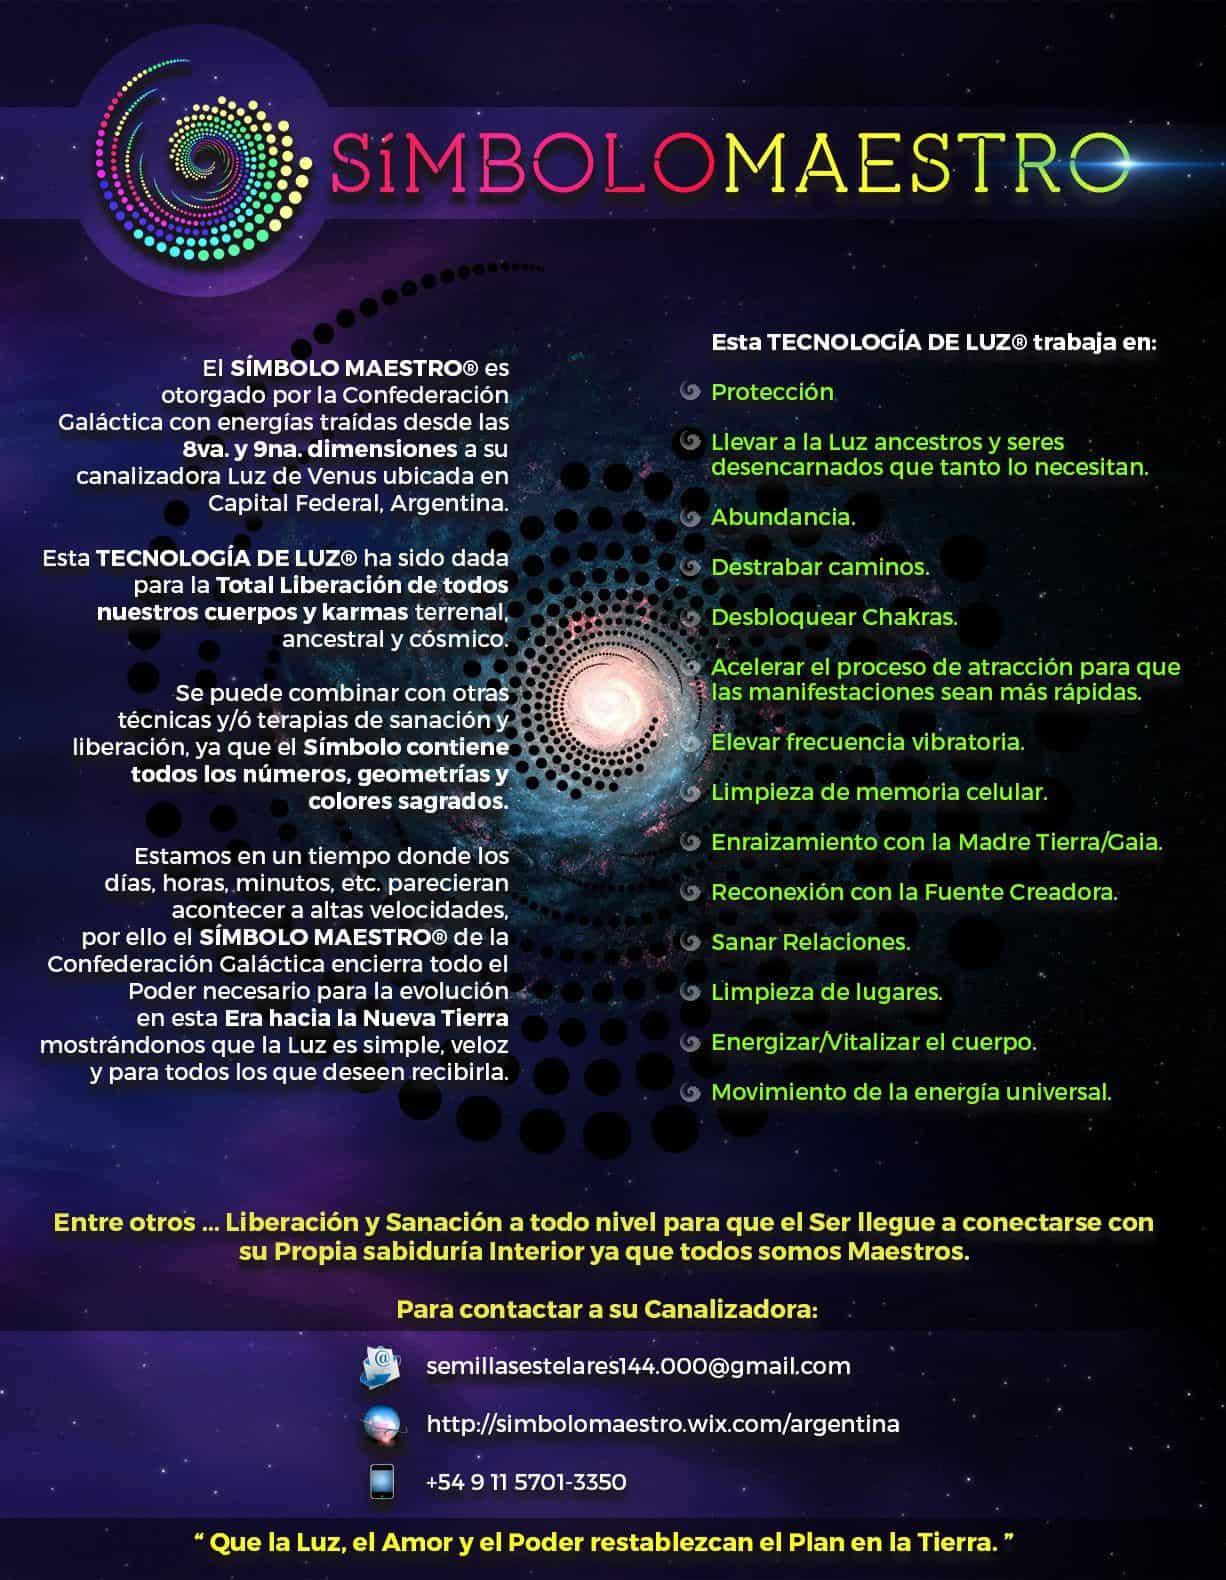 20170221 jorge id122732 iniciacion en el simbolo maestro tecnologia de luz por semillas estelares 144 000 simbolo maestro - Iniciación en el Símbolo Maestro Tecnología de Luz, por semillas estelares 144.000 - hermandadblanca.org